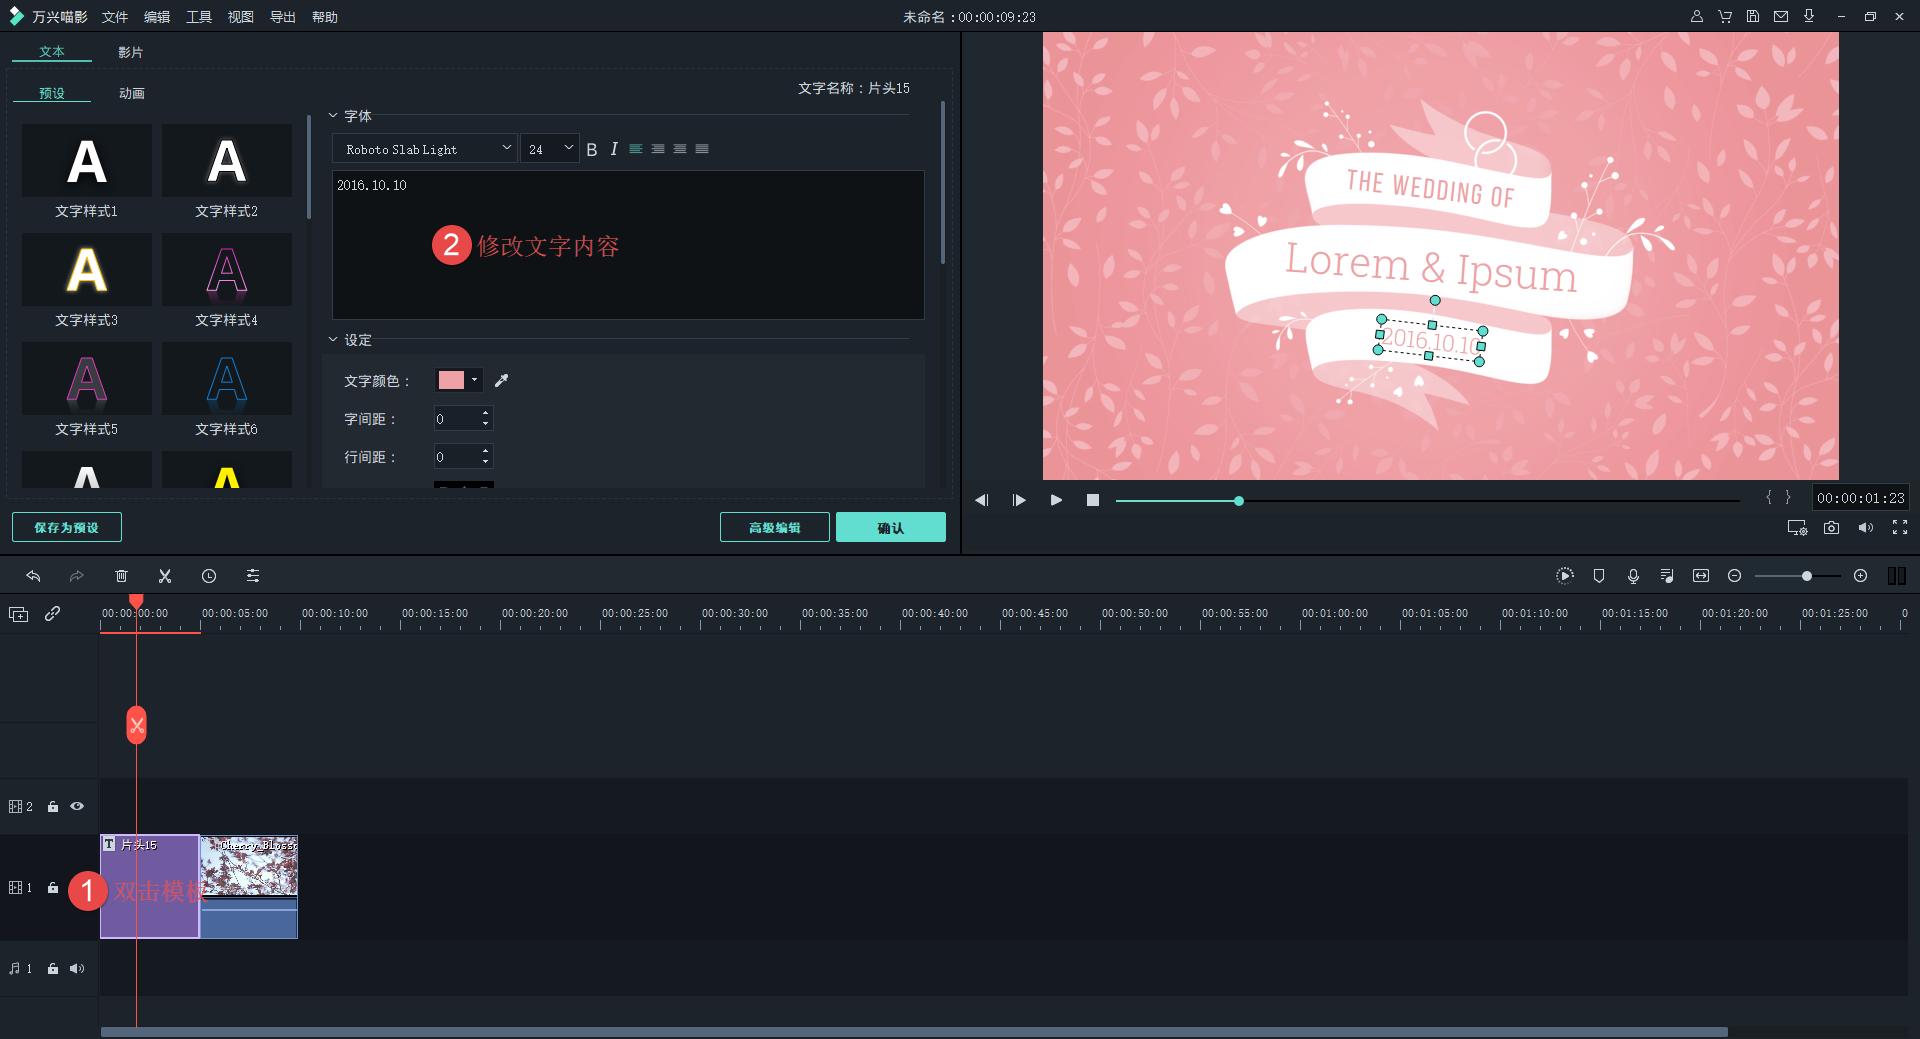 婚礼视频字幕